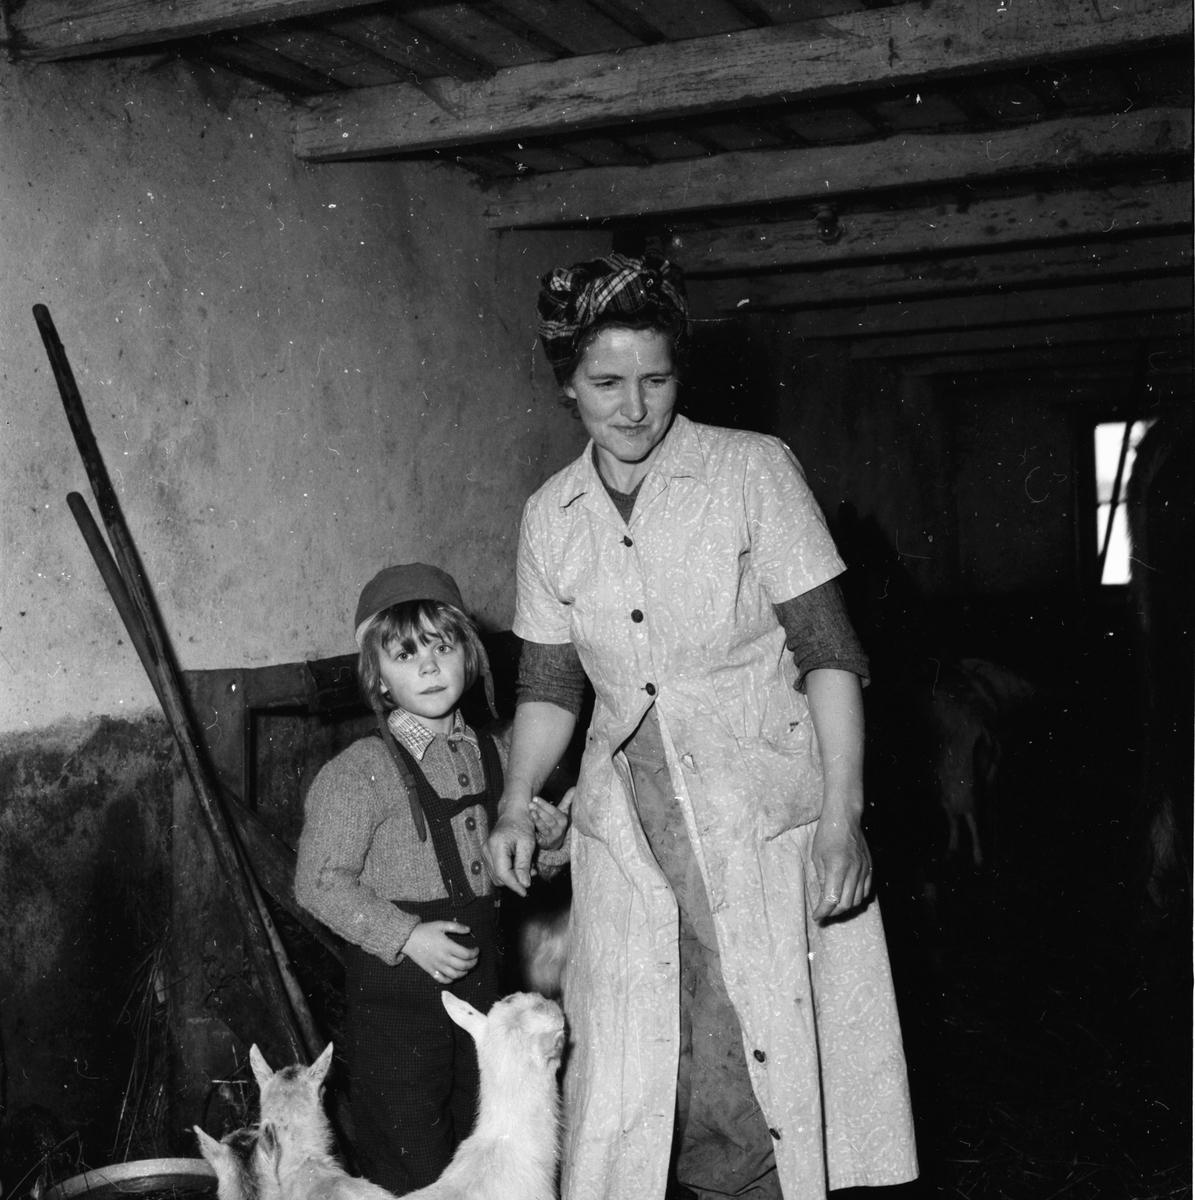 Kvinnlig jordbrukare. Växbo 10/3 1958